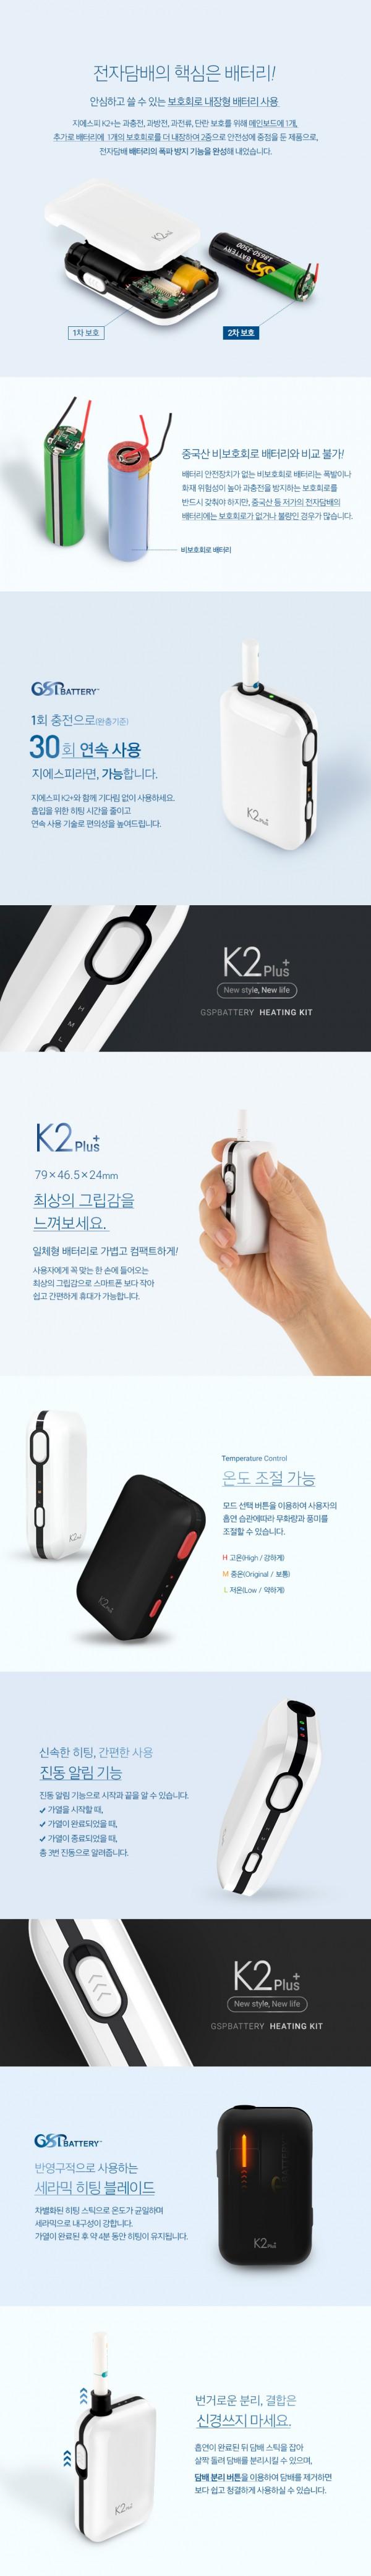 K2-plus_02.jpg